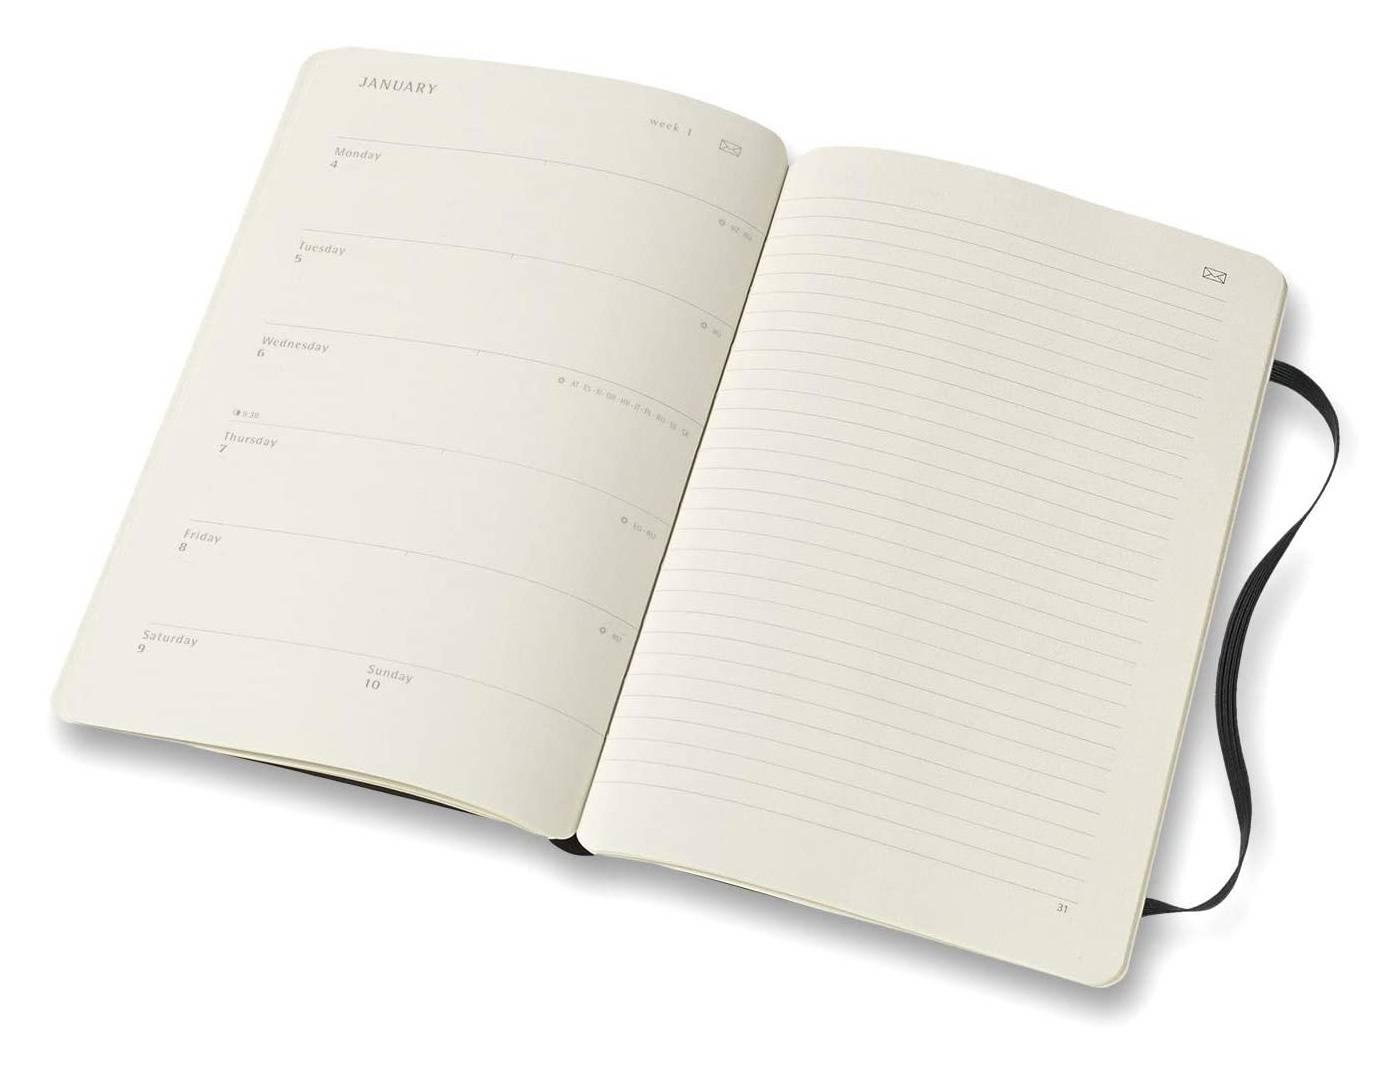 Еженедельник Moleskine Paper Tablet Smart черный (PTDHB12WN3) - фото 3